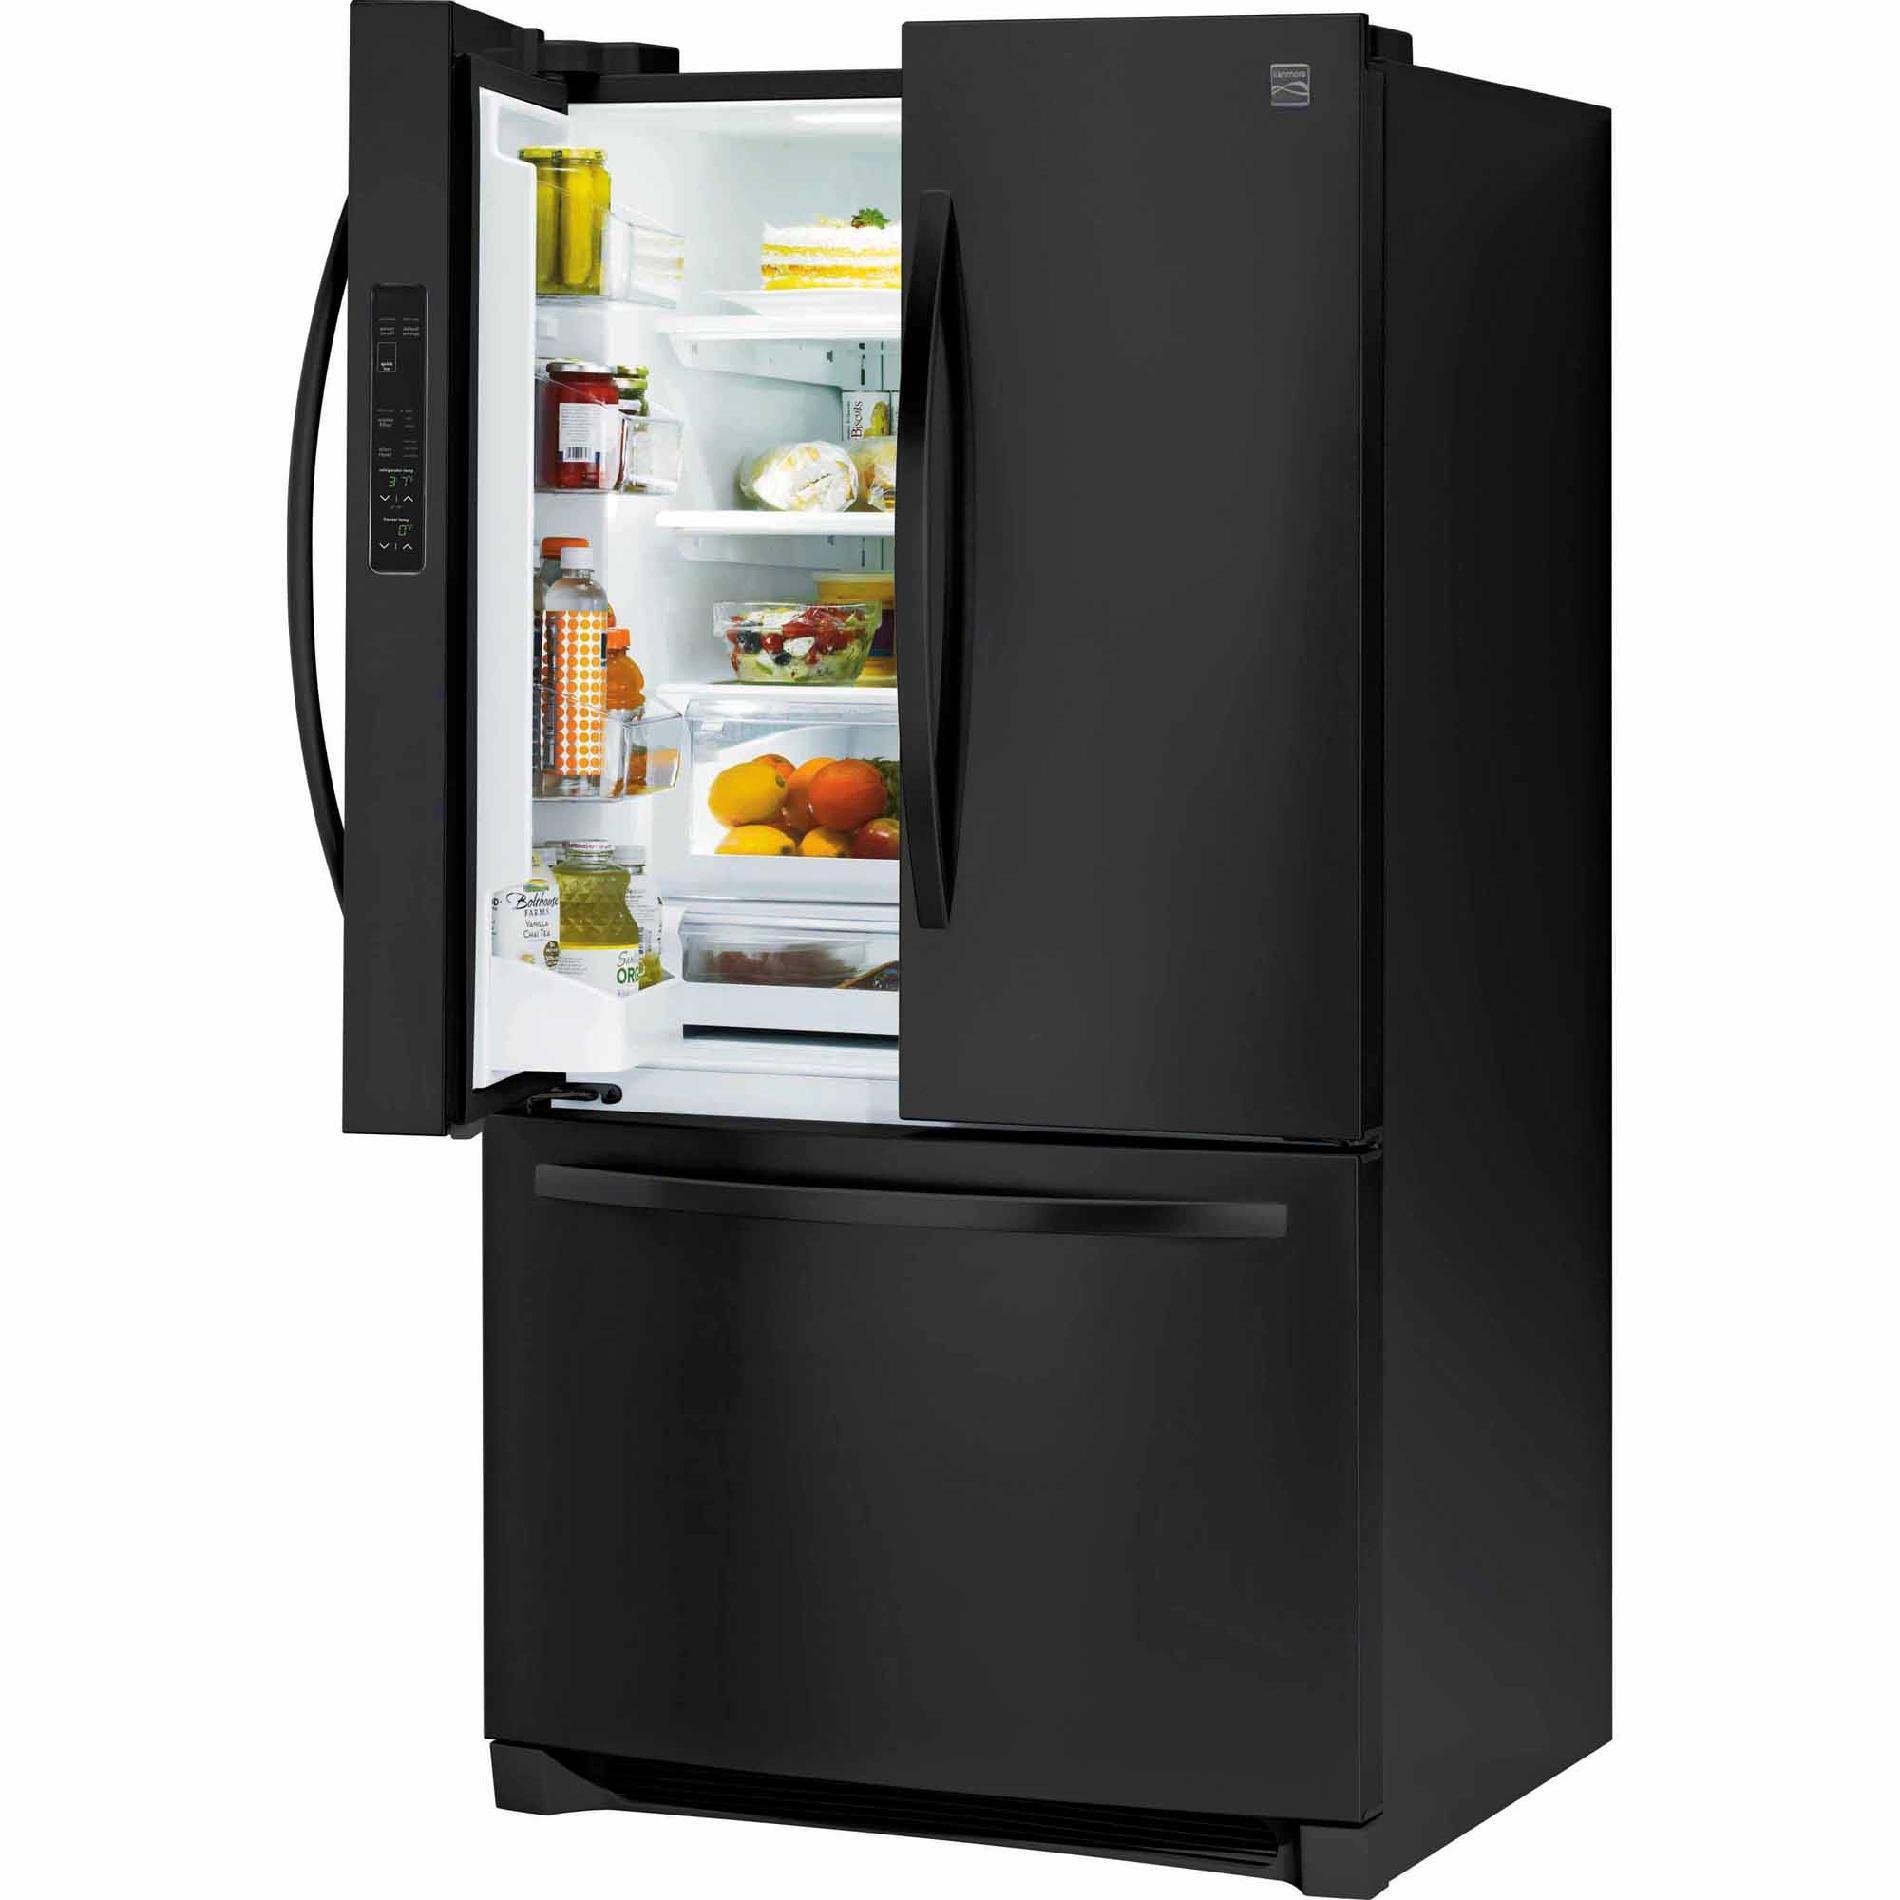 Kenmore 70419 27.6 cu. ft. French Door Refrigerator - Black